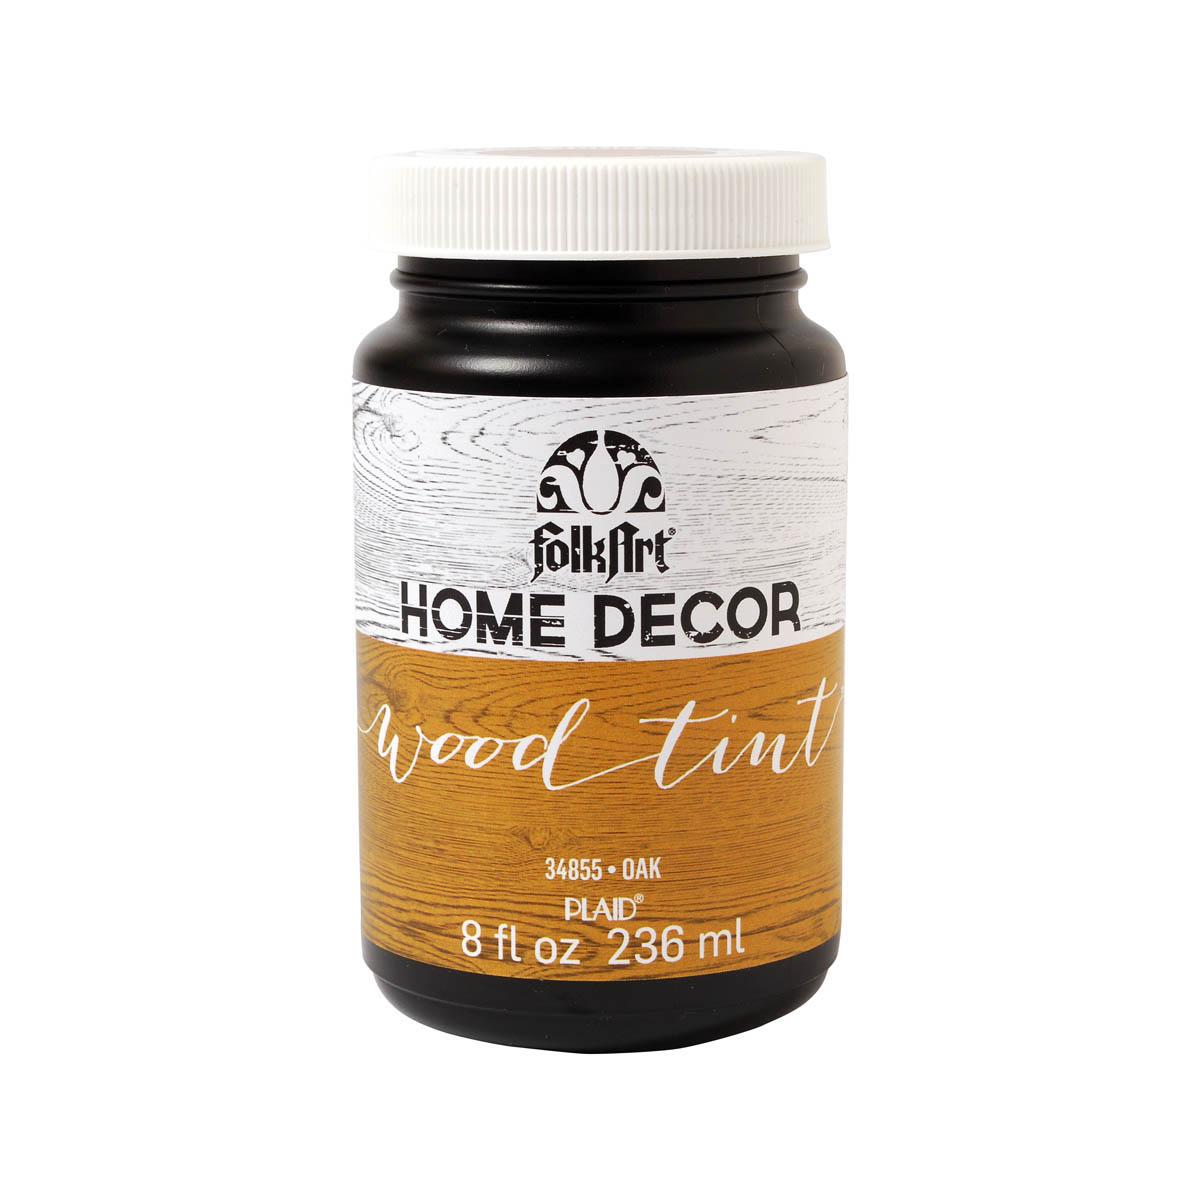 FolkArt ® Home Decor™ Wood Tint - Oak, 8 oz.